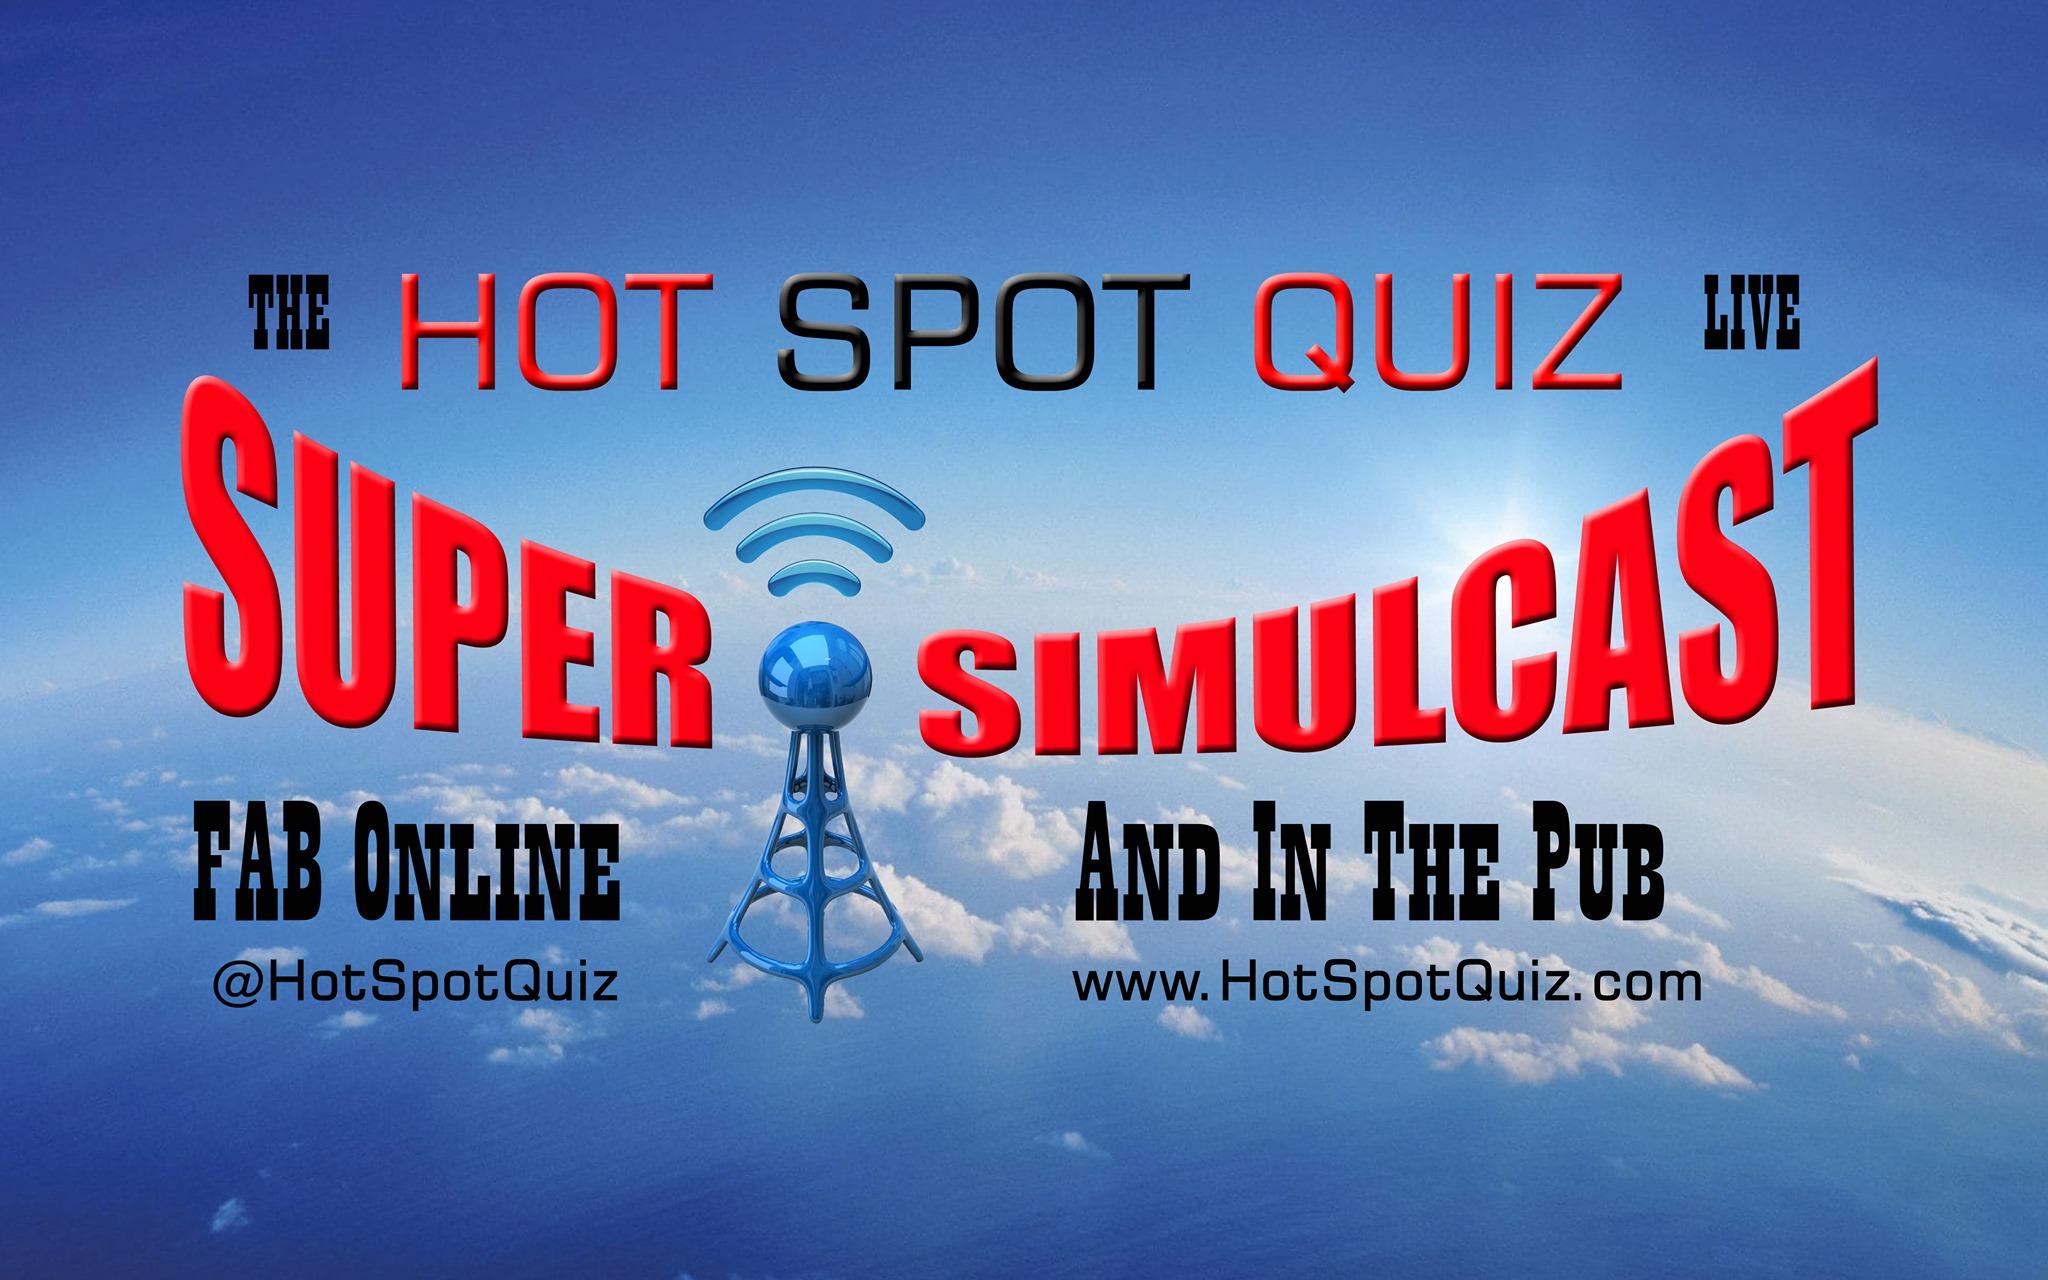 Super-Simulcast www.HotSpotQuiz.com